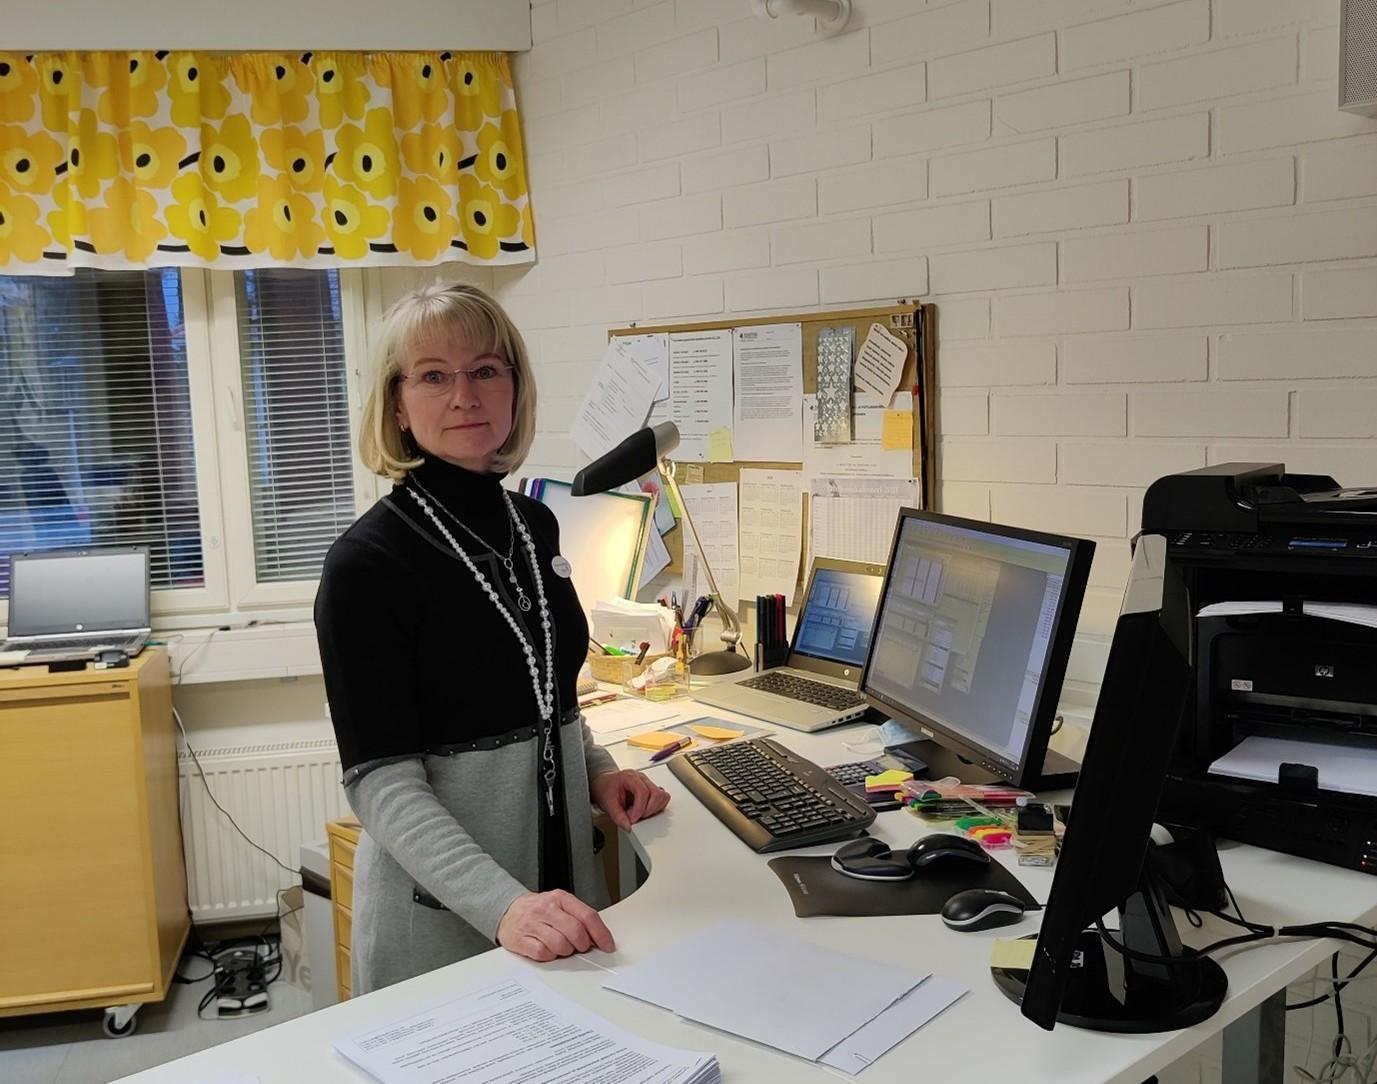 Toiminnanjohtaja Tiina Marjava työpöydän äärellä.